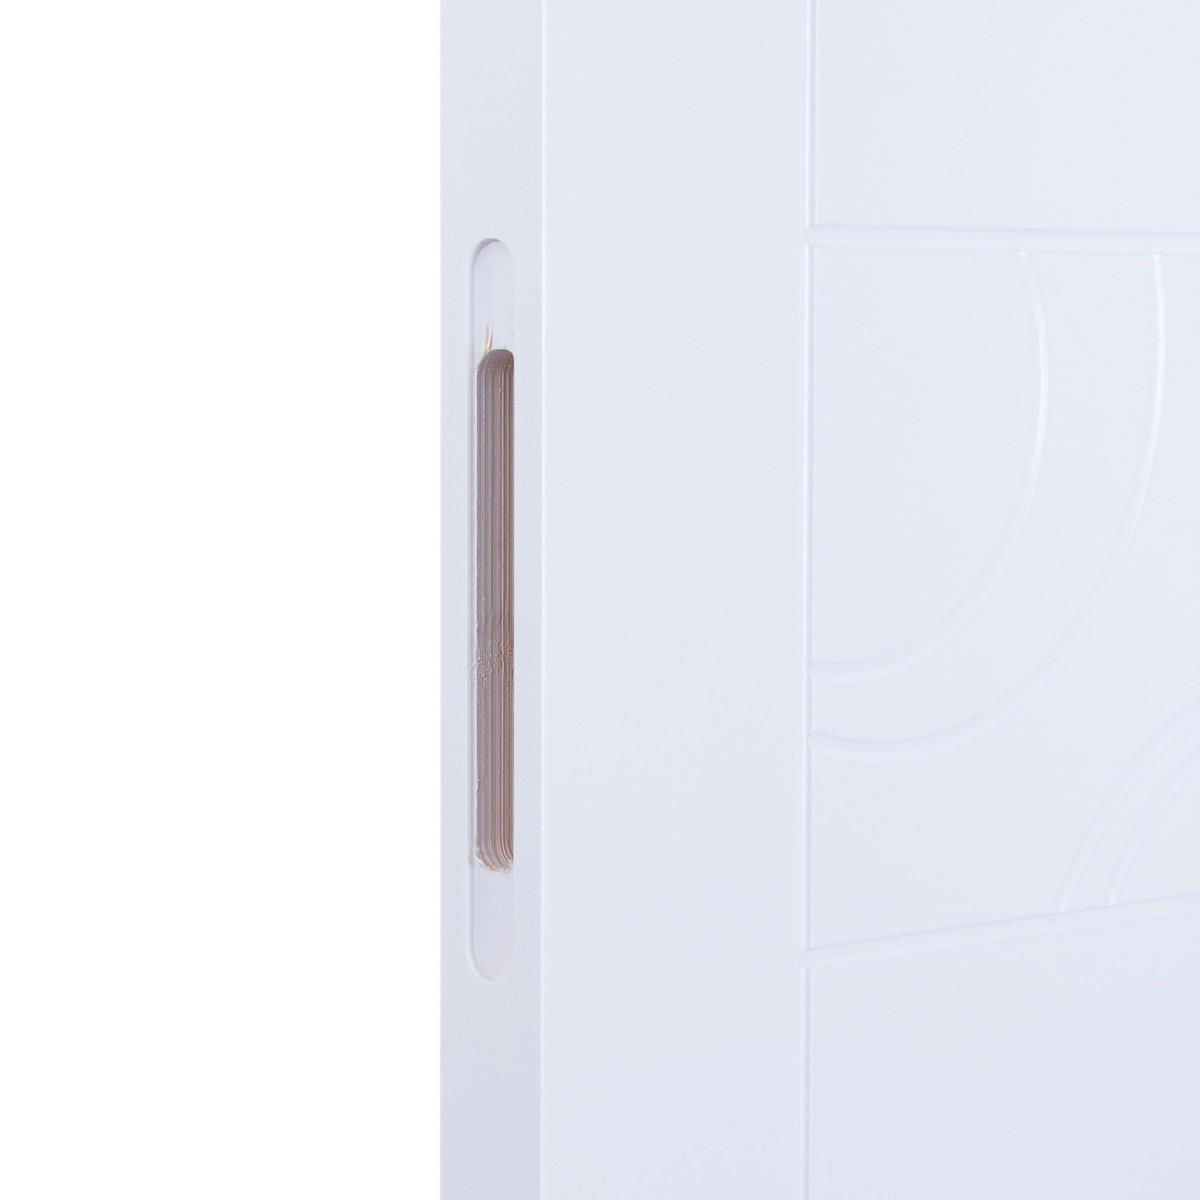 Дверь Межкомнатная Глухая Аликанте 90x200 Цвет Белый